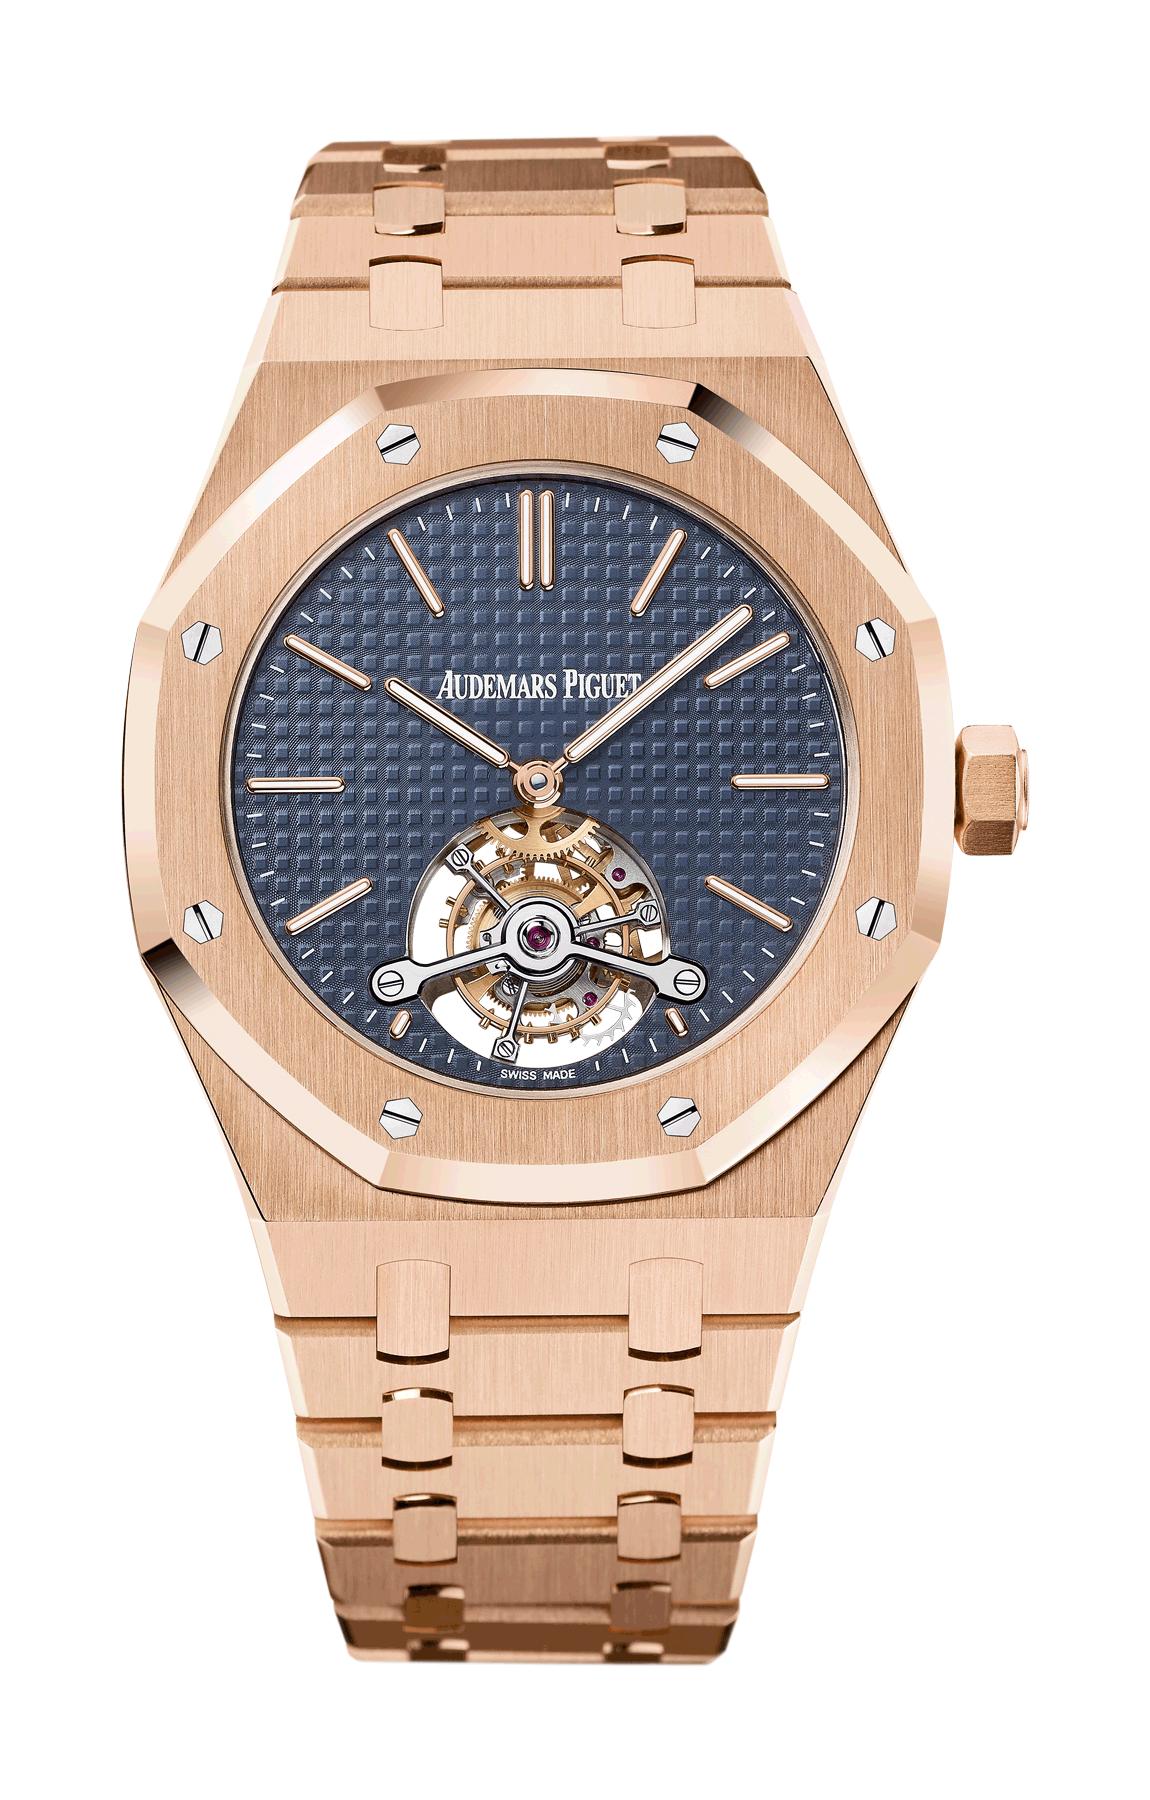 5617e5312cd Audemars Piguet ROYAL OAK TURBILHÃO - 41mm - 26510OROO1220OR01   Boutique  dos Relógios